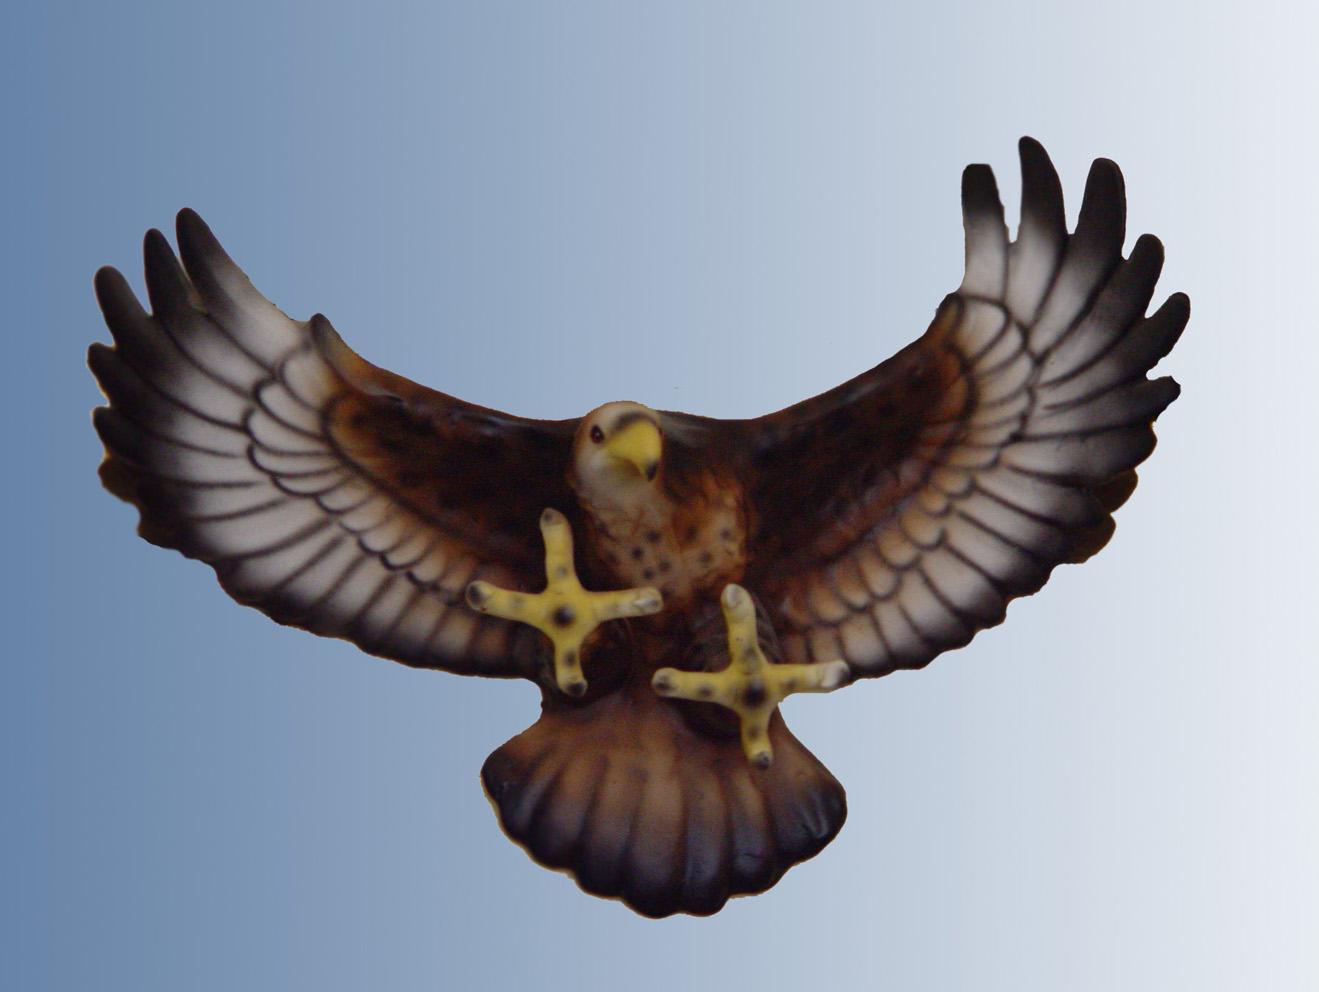 鸟正在飞卡通图片